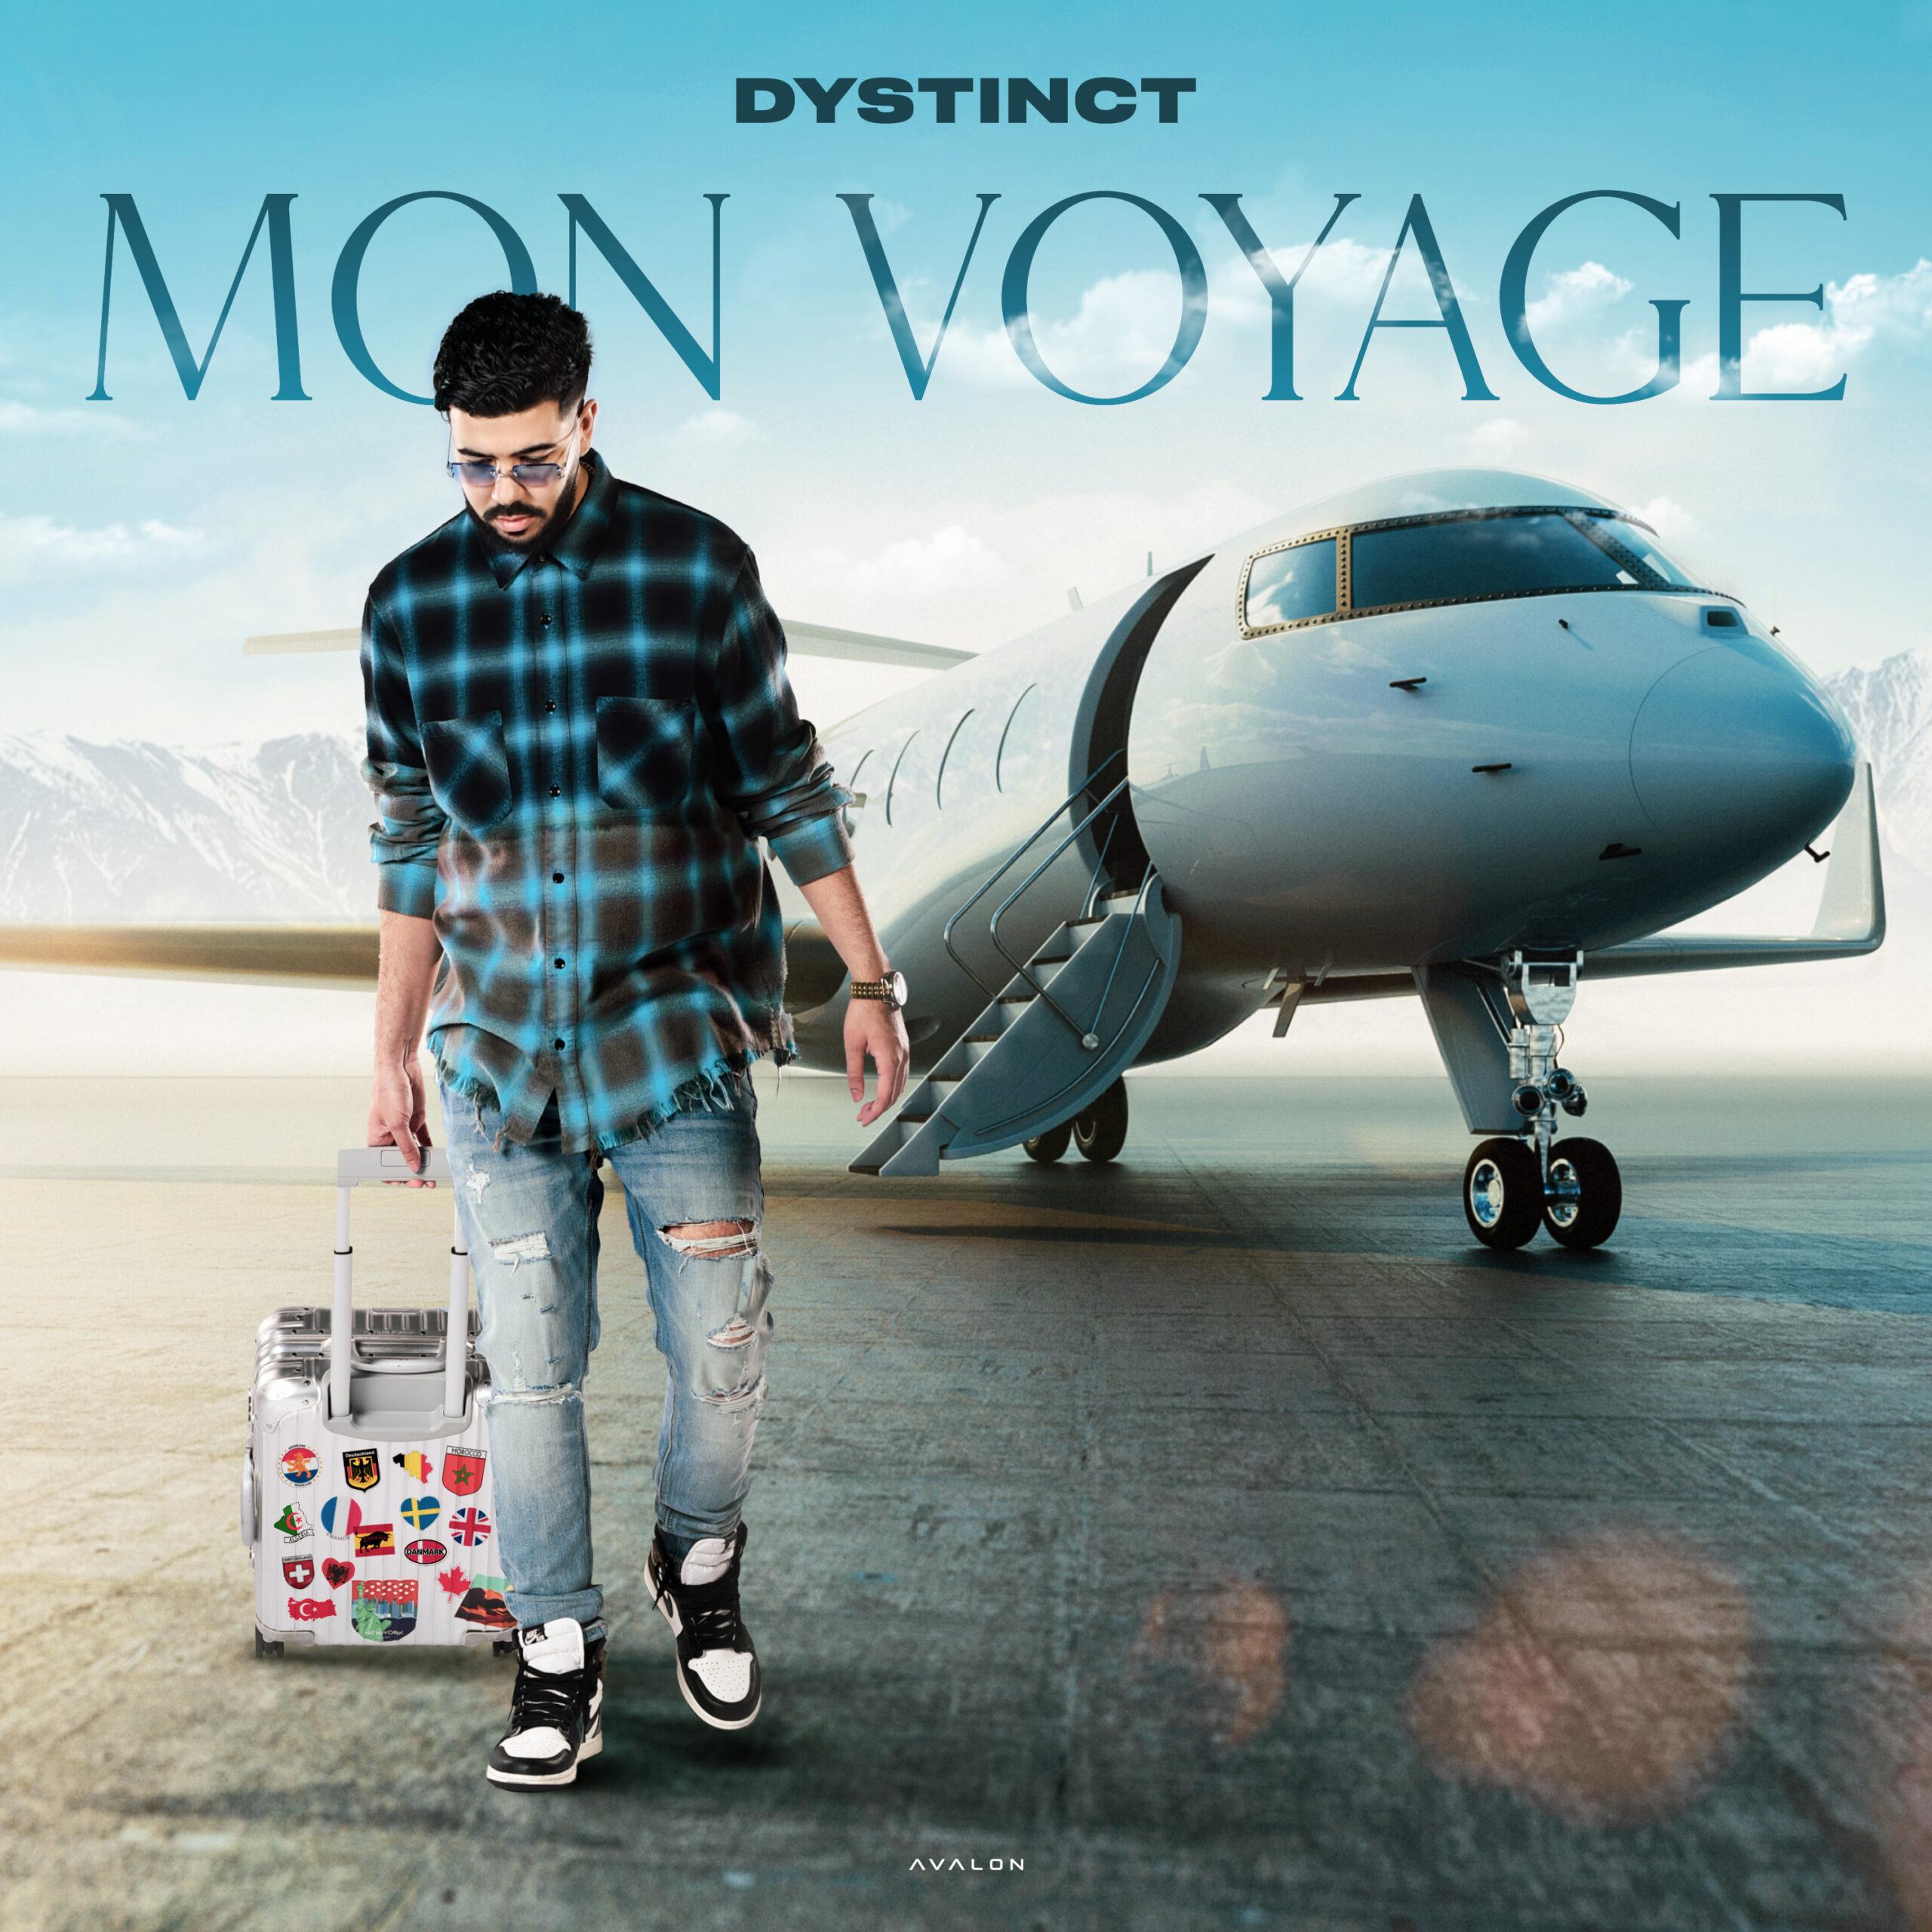 [OUT NOW] DYSTINCT 'MON VOYAGE' ALBUM